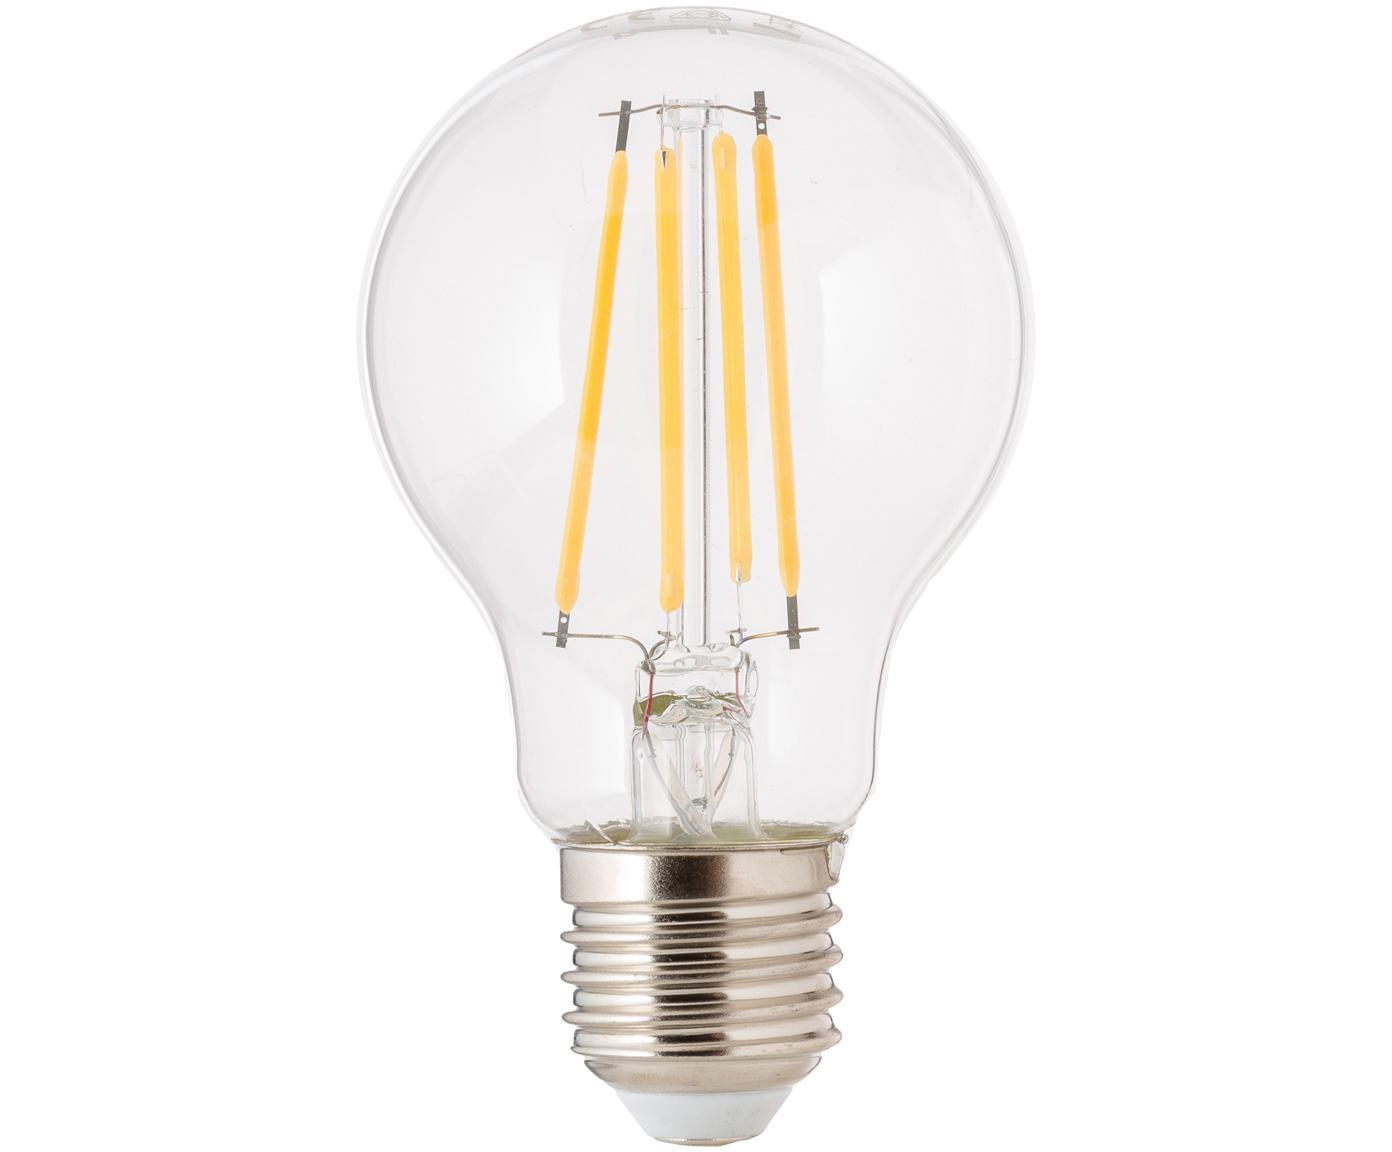 Dimbare lamp Cherub (E27 / 8W) 3 stuks, Peertje: glas, Fitting: aluminium, Transparant, Ø 8 x H 10 cm